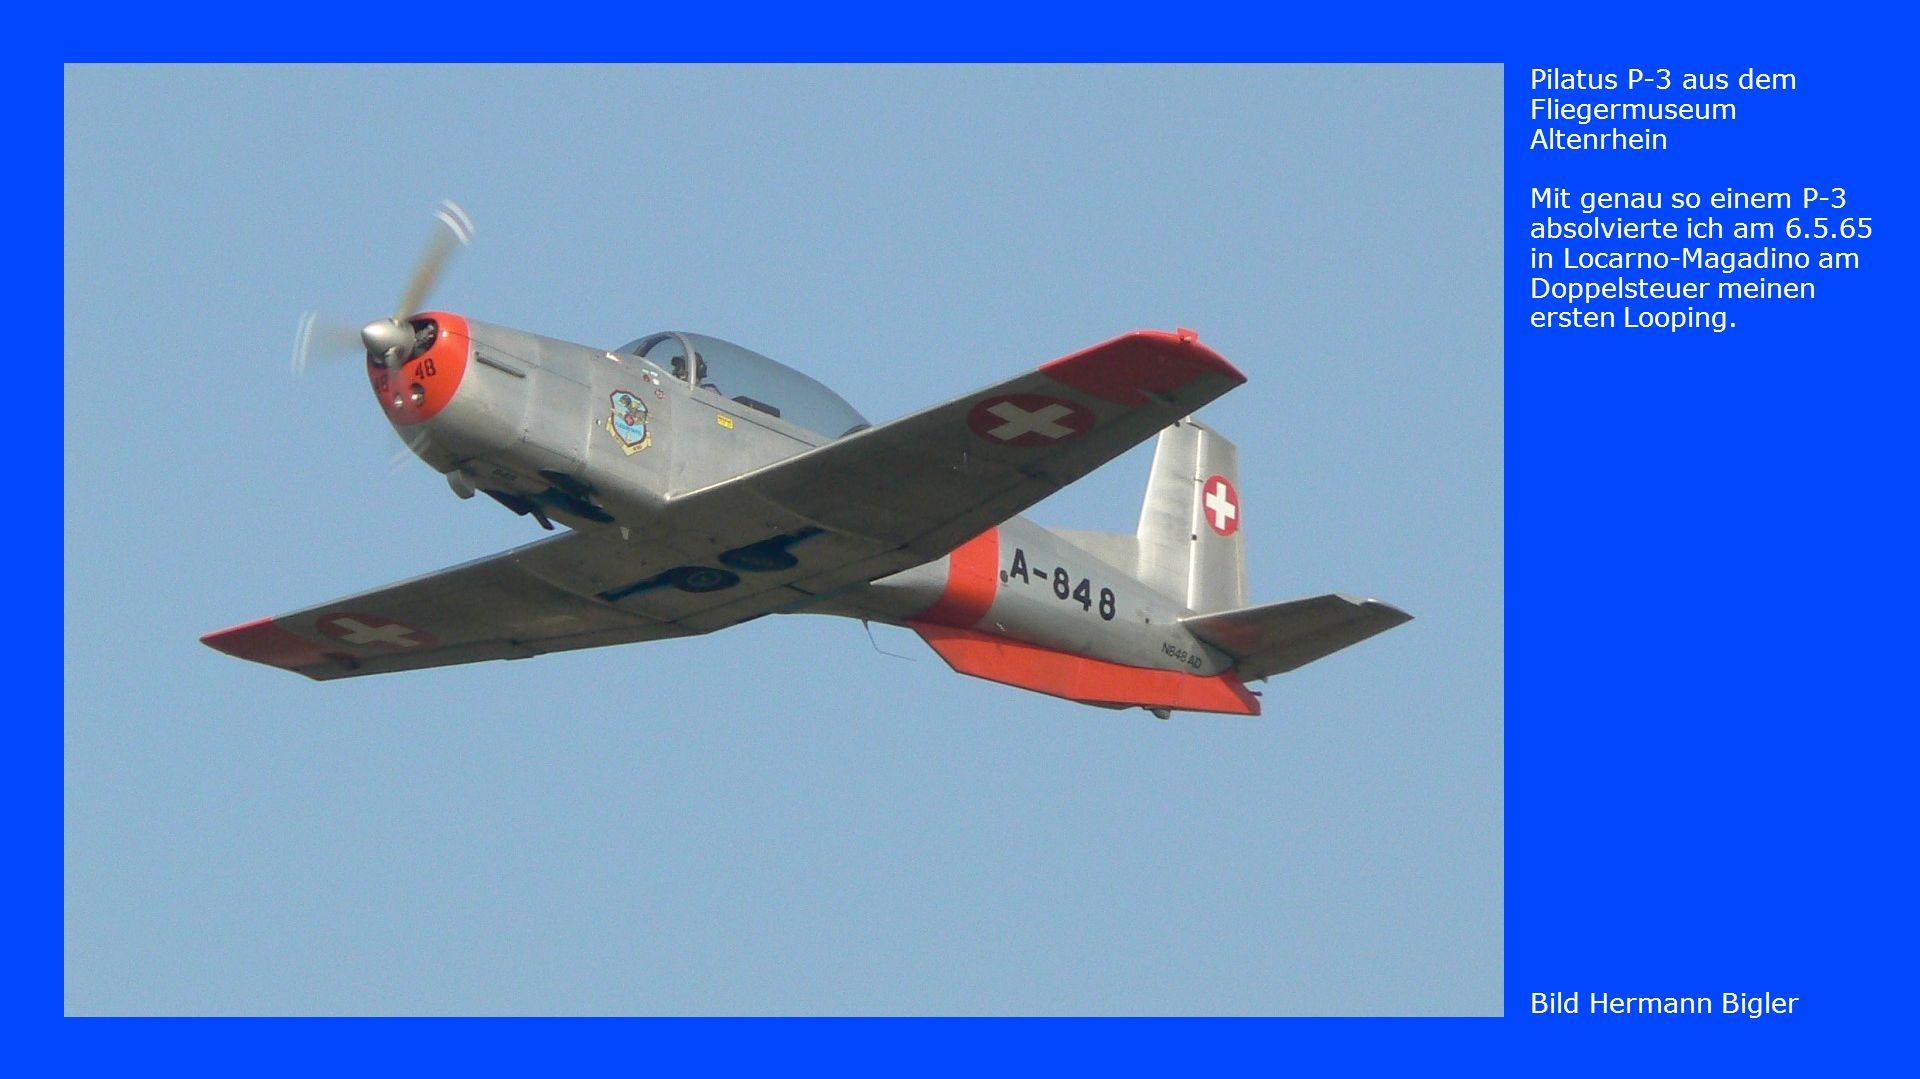 Bild Hermann Bigler Pilatus P-3 aus dem Fliegermuseum Altenrhein Mit genau so einem P-3 absolvierte ich am 6.5.65 in Locarno-Magadino am Doppelsteuer meinen ersten Looping.